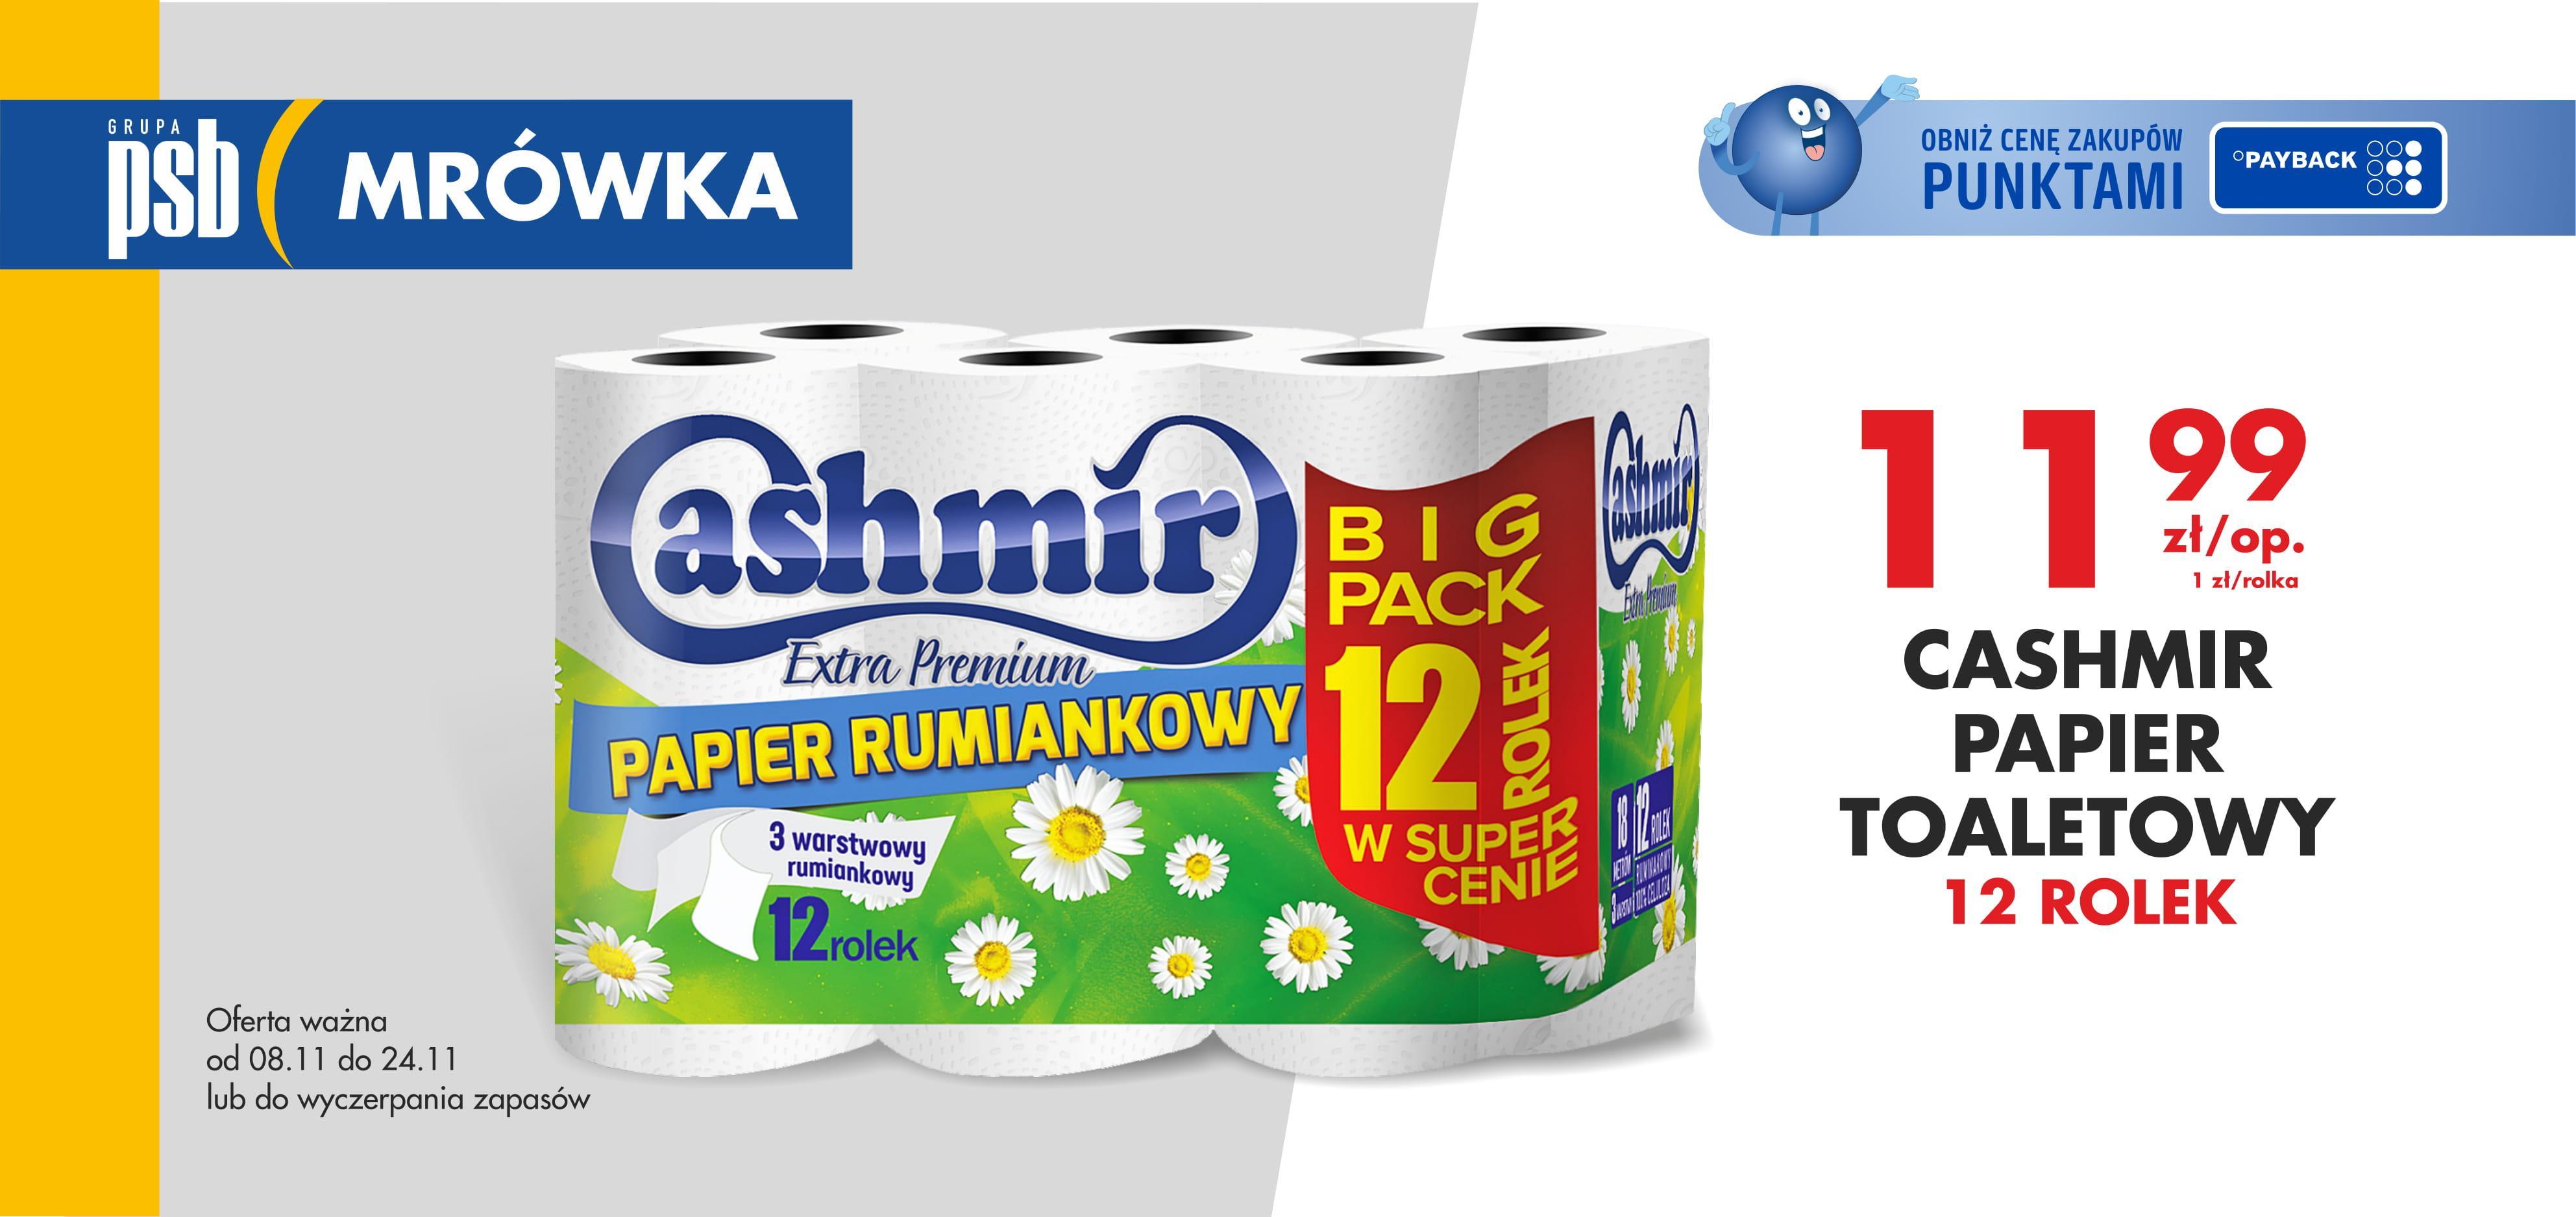 Cashmir-504x238-1